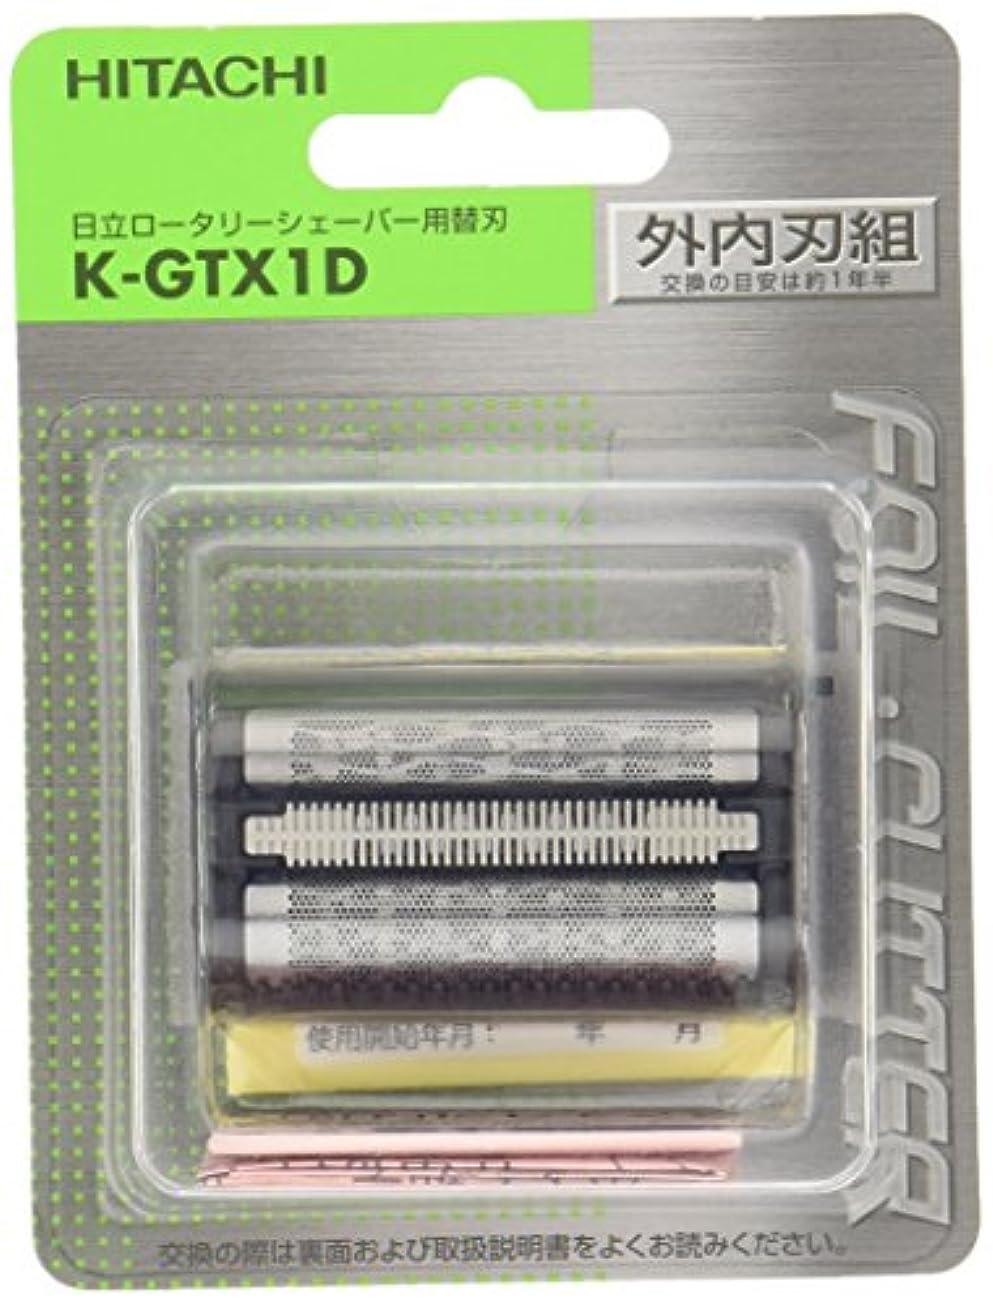 バーチャル感情マウントバンク日立 メンズシェーバー替刃(外刃?内刃) K-GTX1D